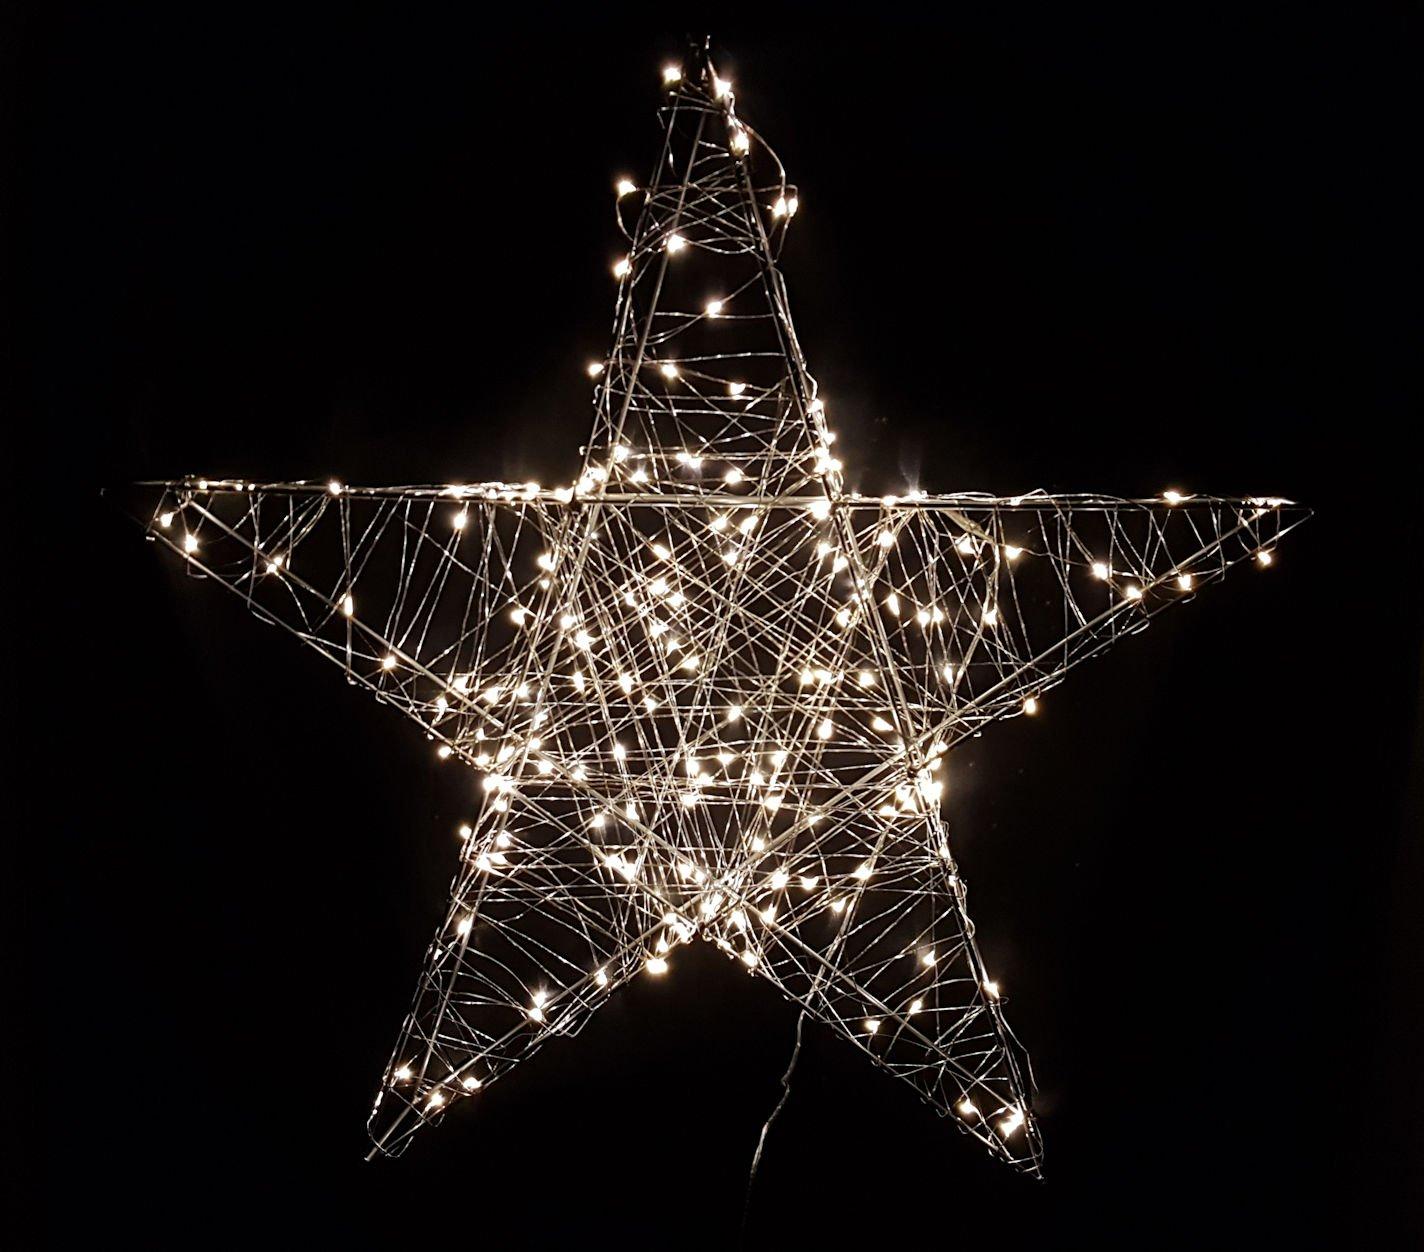 38x38 cm Deko Weihnachts Stern mit 80 warmwei/ßen LEDs Weihnachtsdeko Innen Au/ßen zum Aufh/ängen